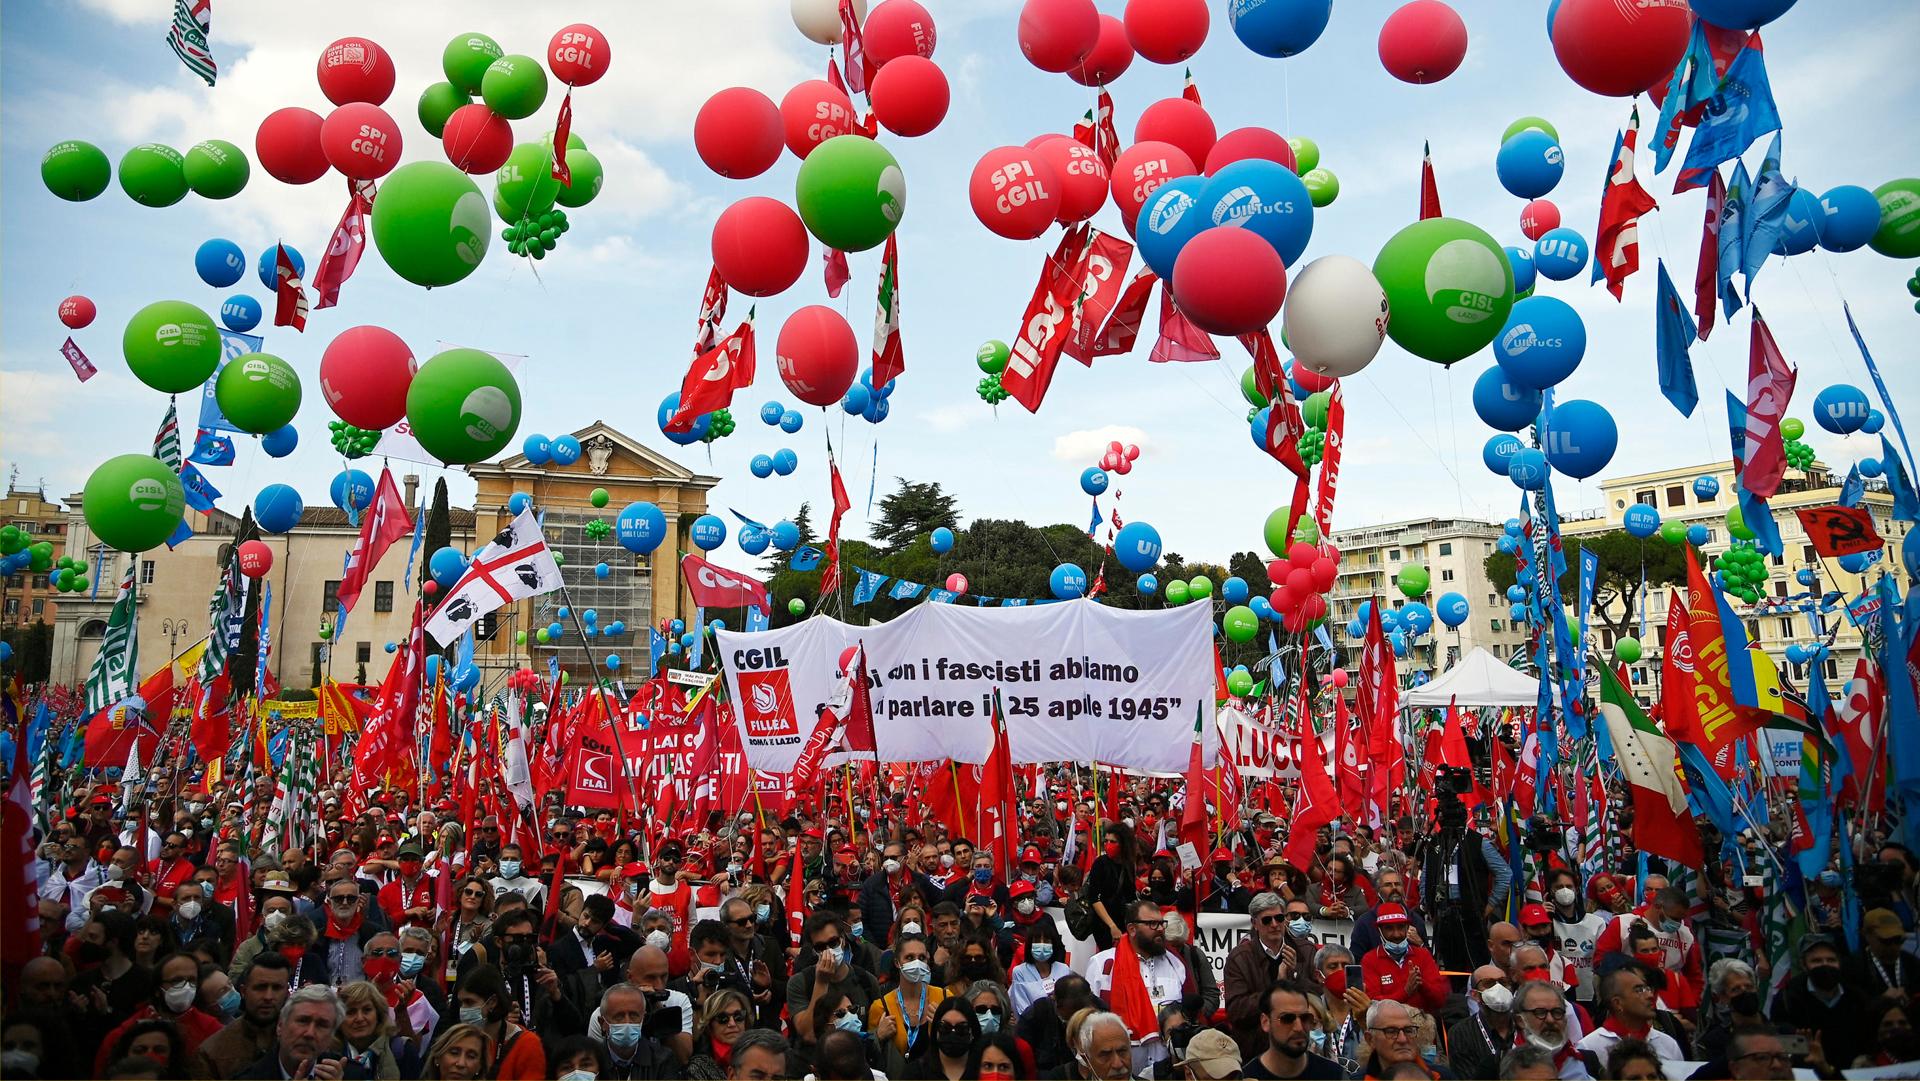 L'antifascismo riempie la piazza di Roma, i tanti impegni di Giorgetti lontano dal Ministero e le altre notizie della giornata